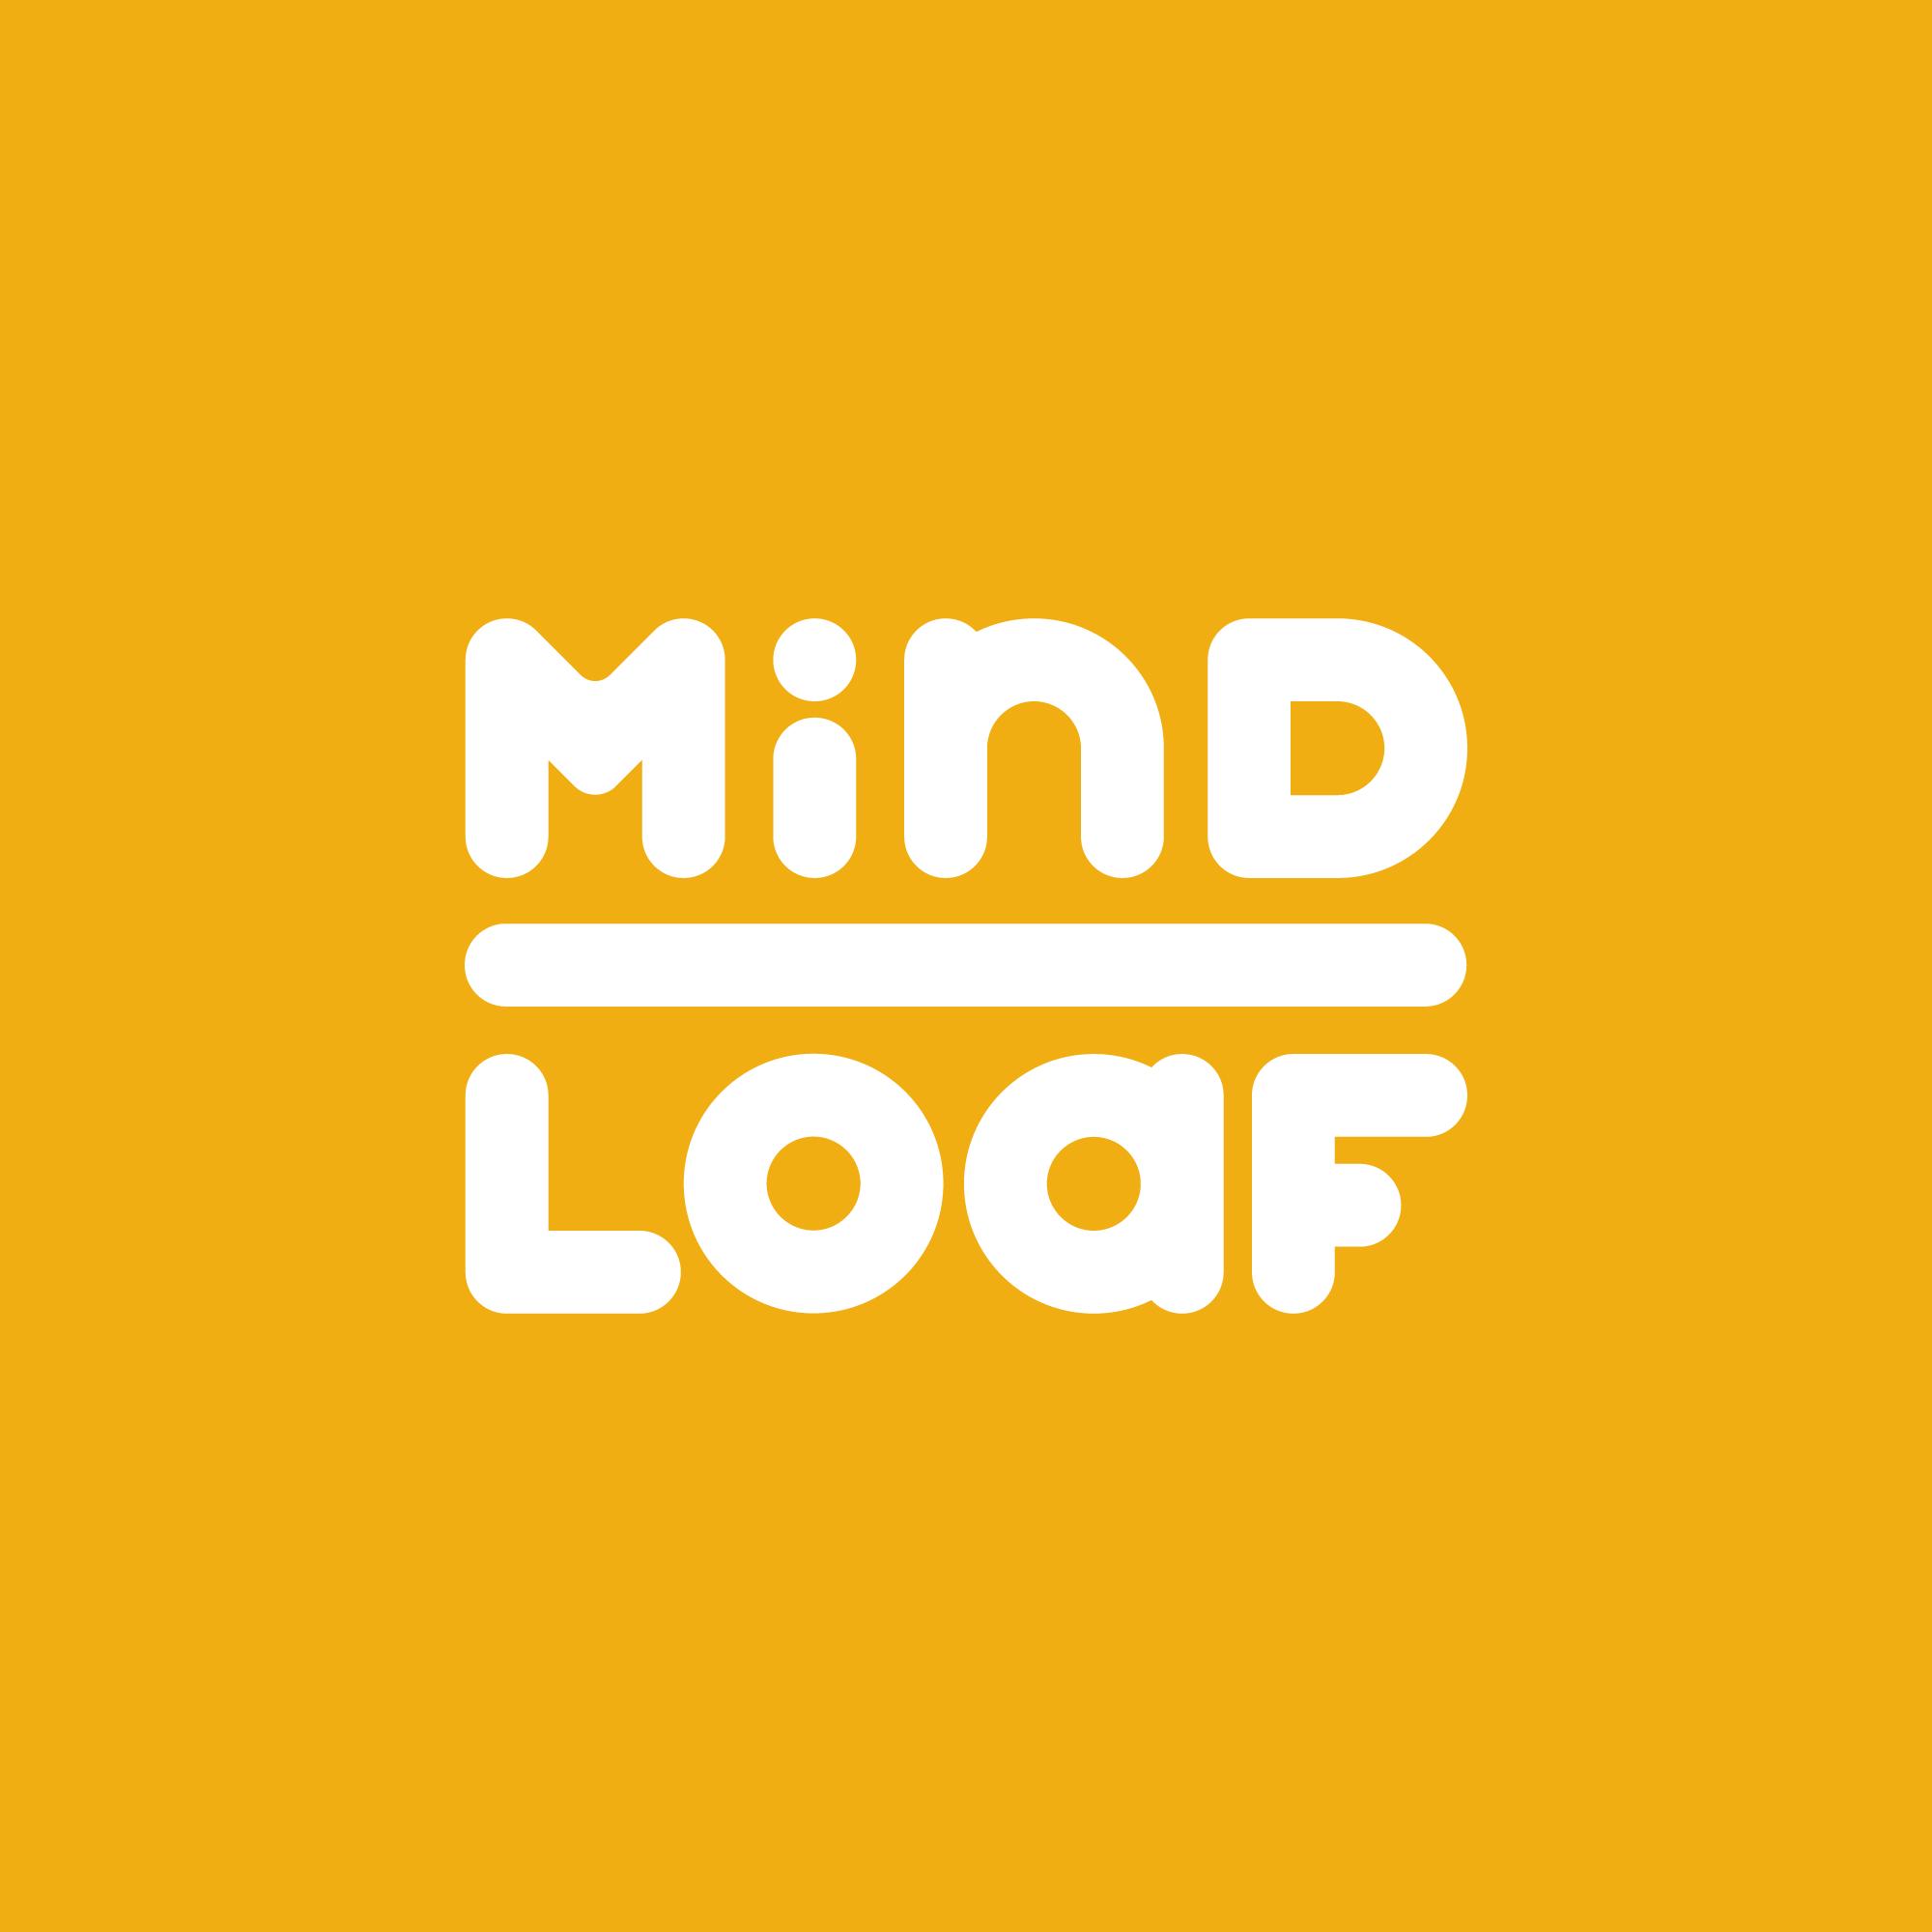 MindLoaf logo yellow